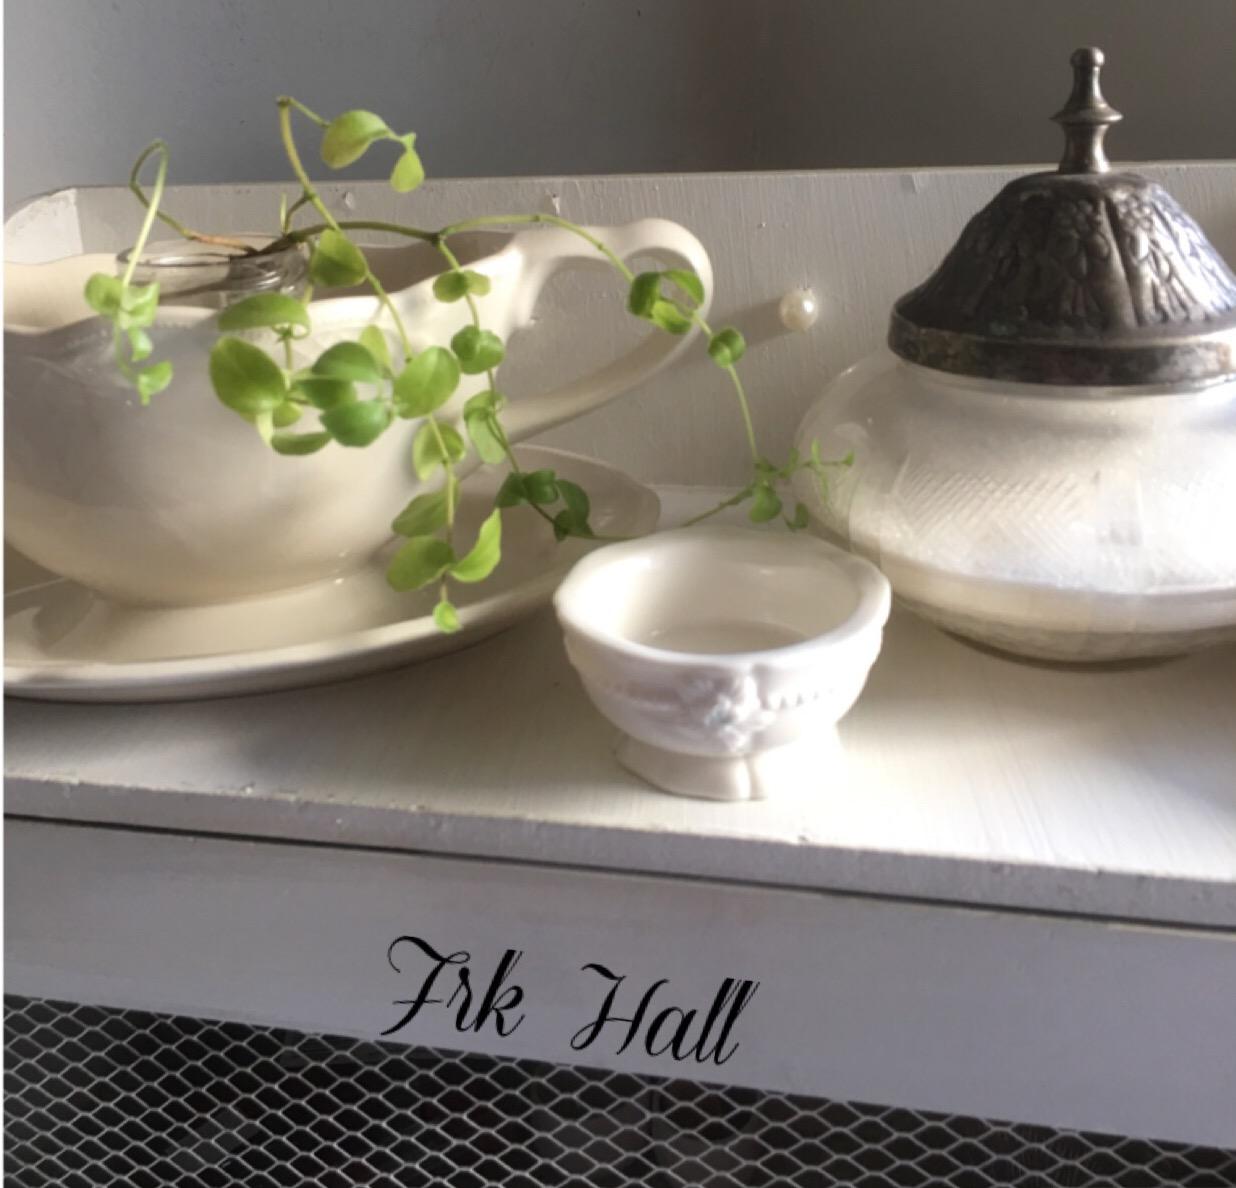 Frk Hall: Køkken skab til olier